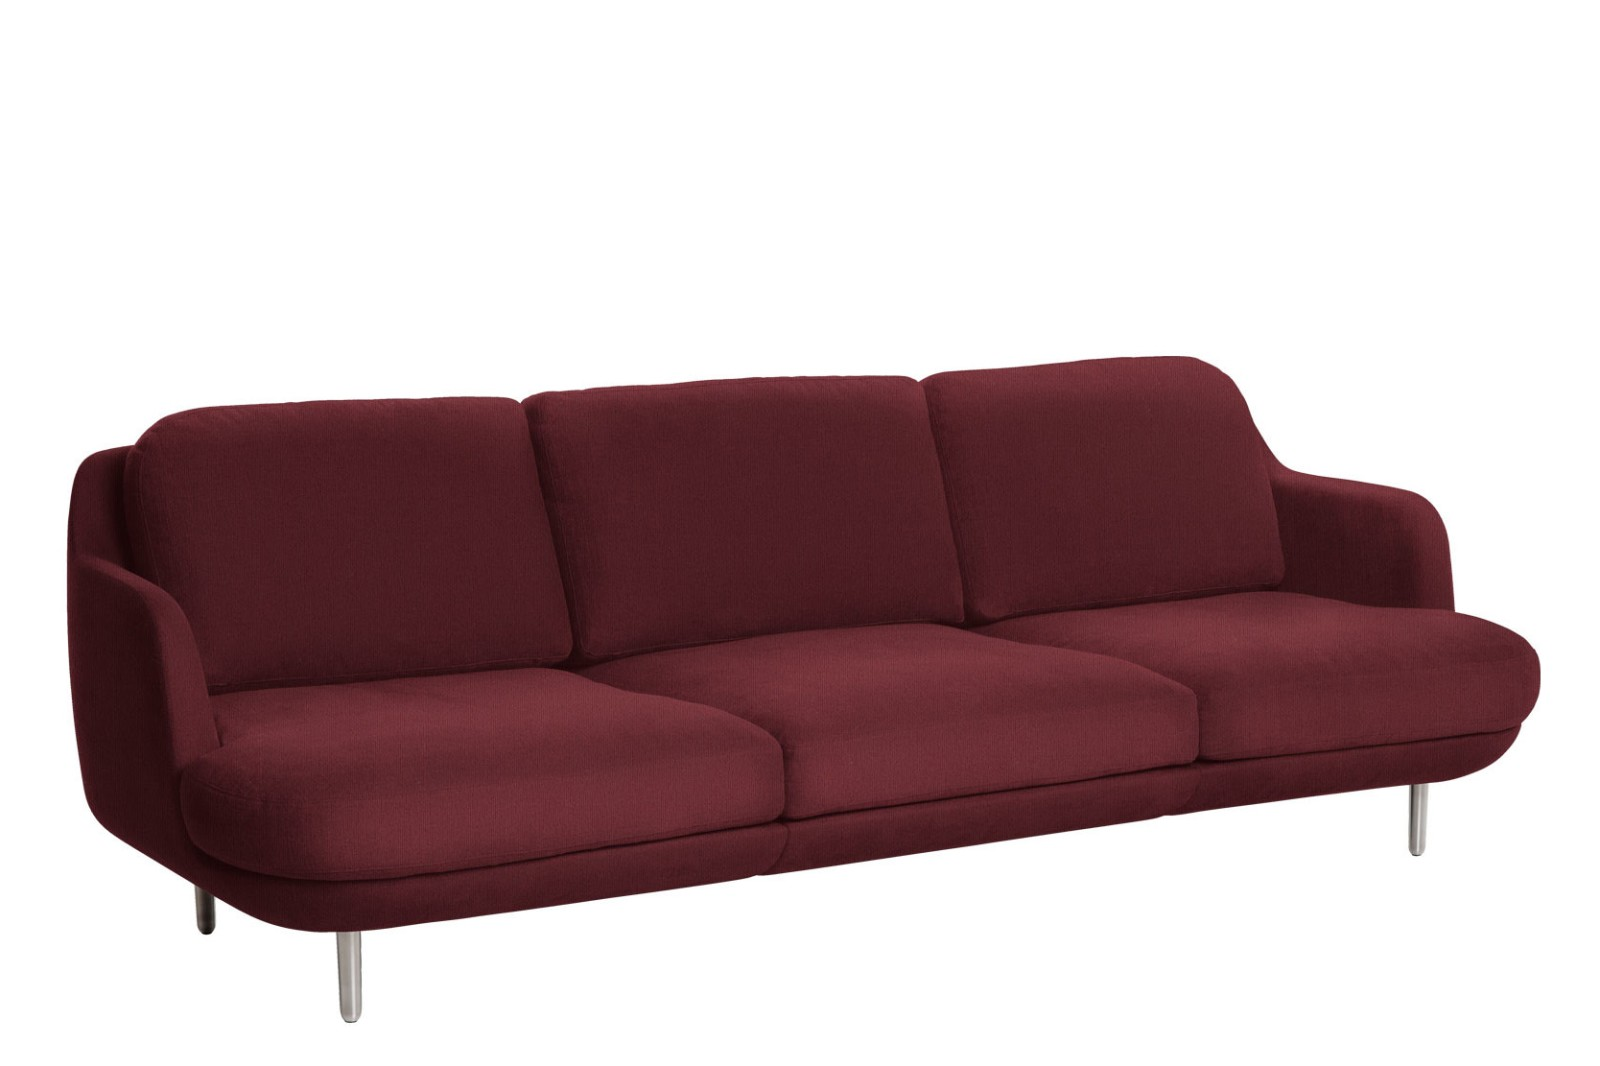 Lune JH300 3-Seater Sofa Christianshavn Fabric 1140, aluminium